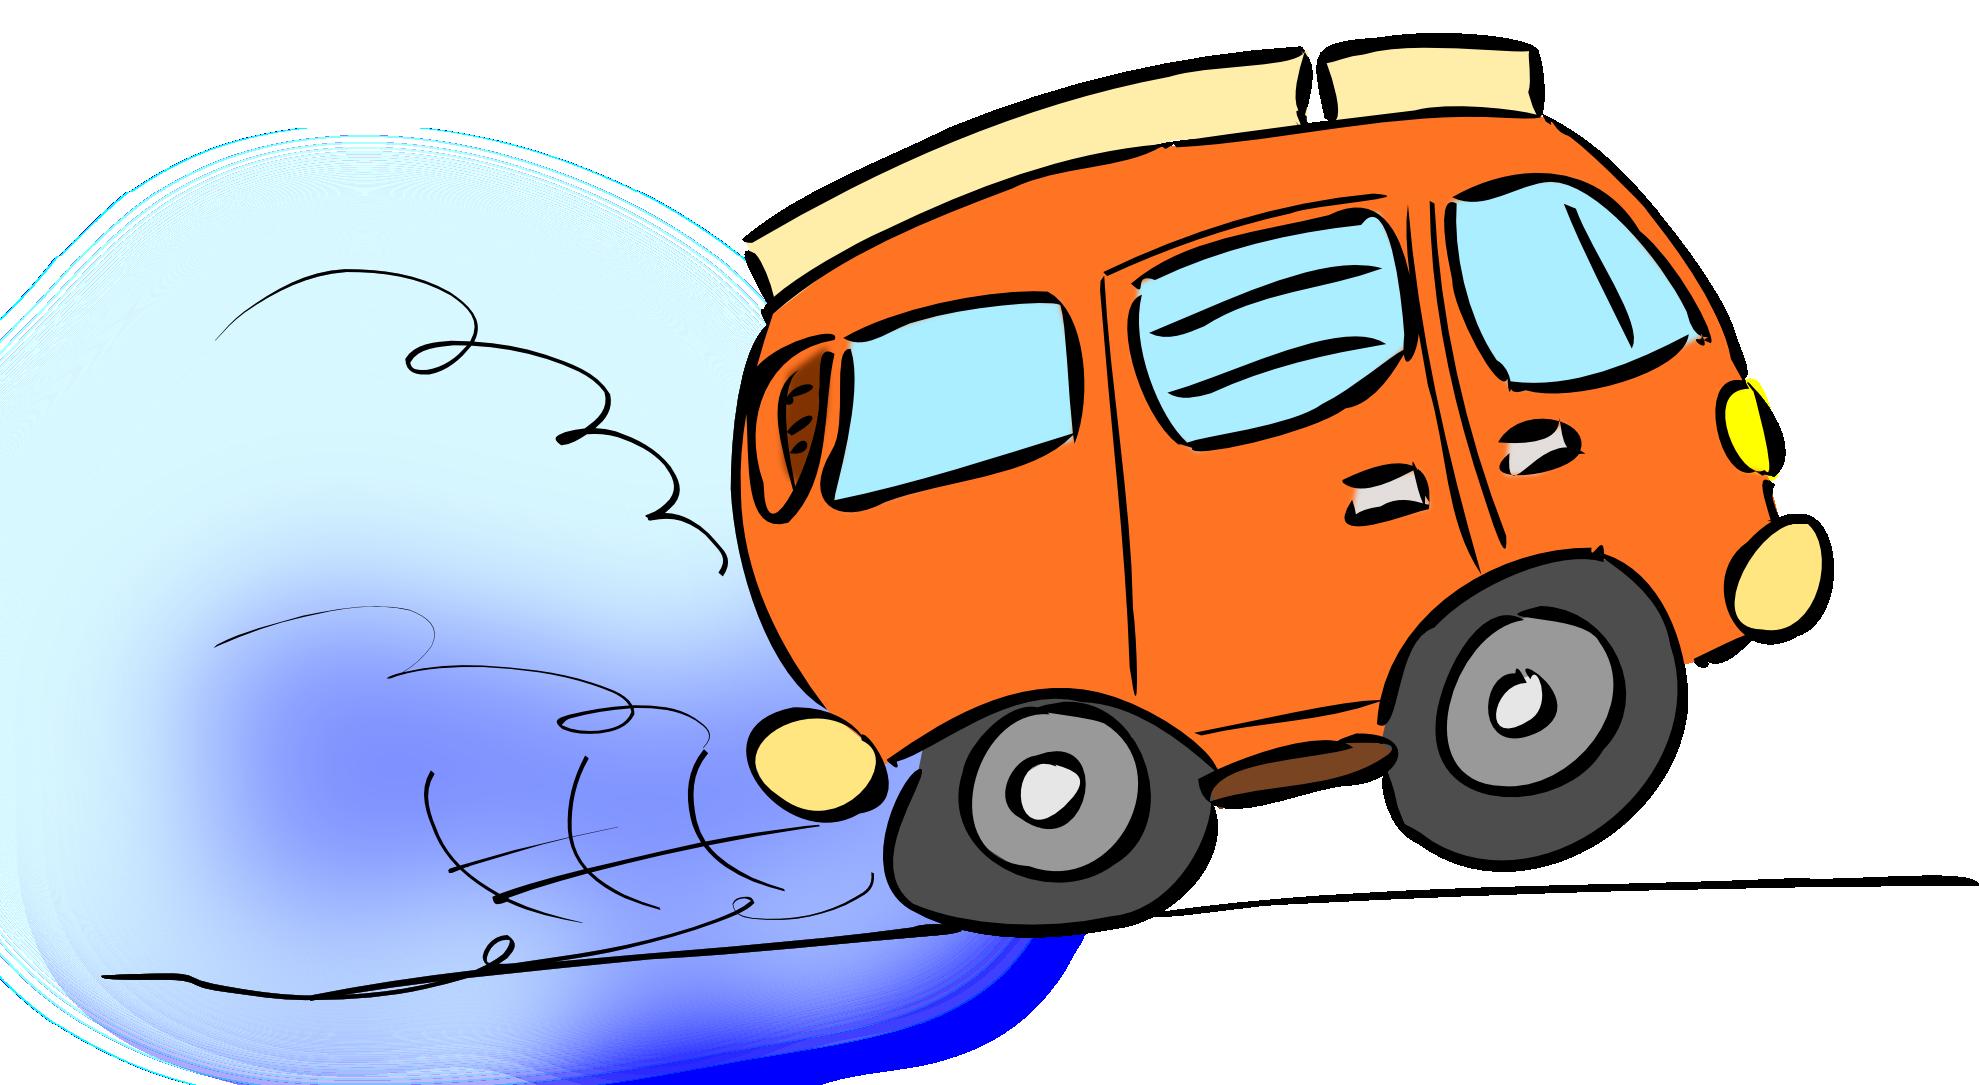 Panda free images minivanclipart. Minivan clipart mini bus